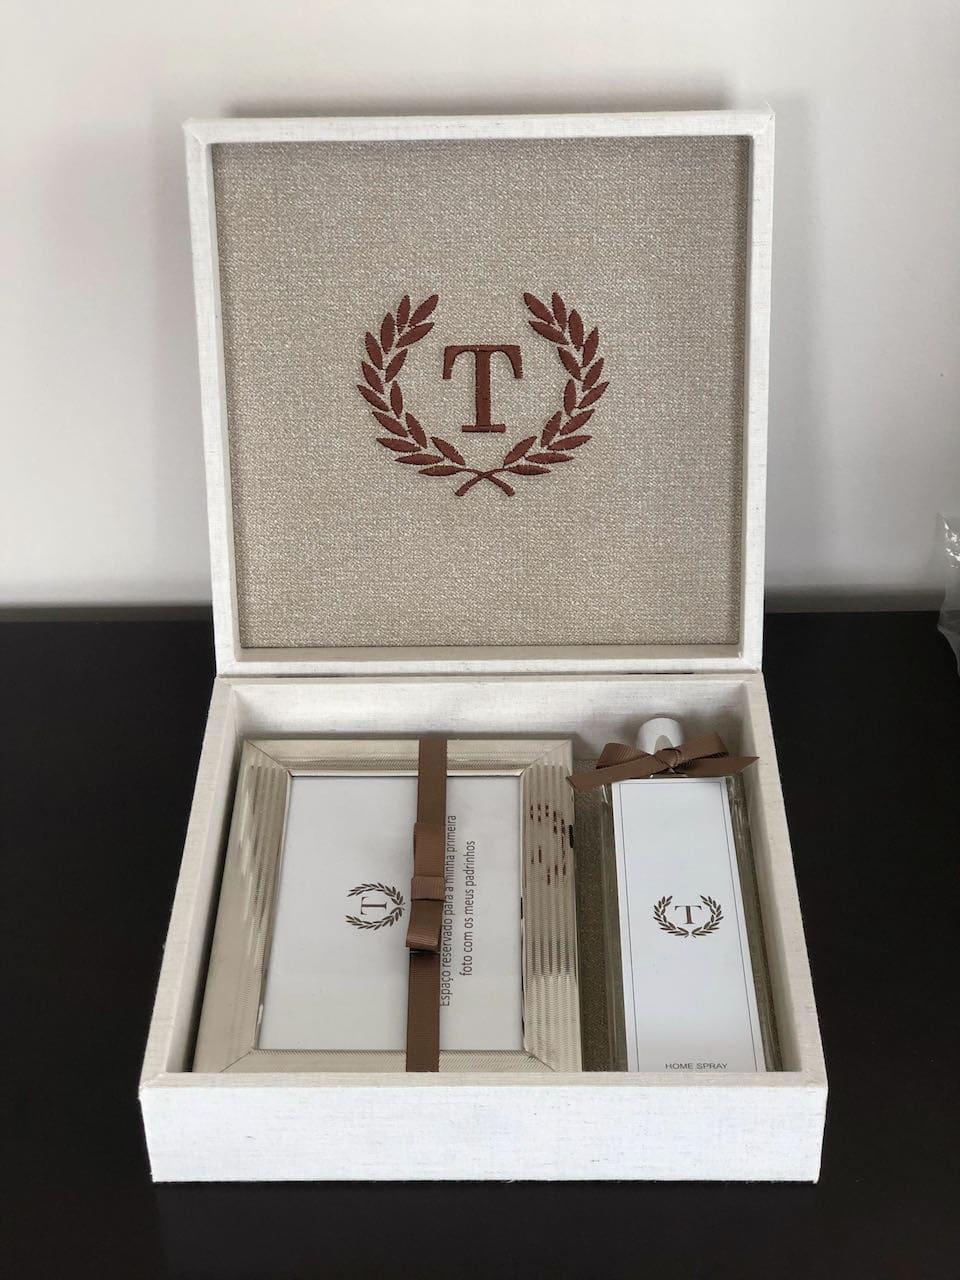 kit padrinho personalizado IX com home spray e porta retrato, com monograma bordado na caixa revestida de tecido